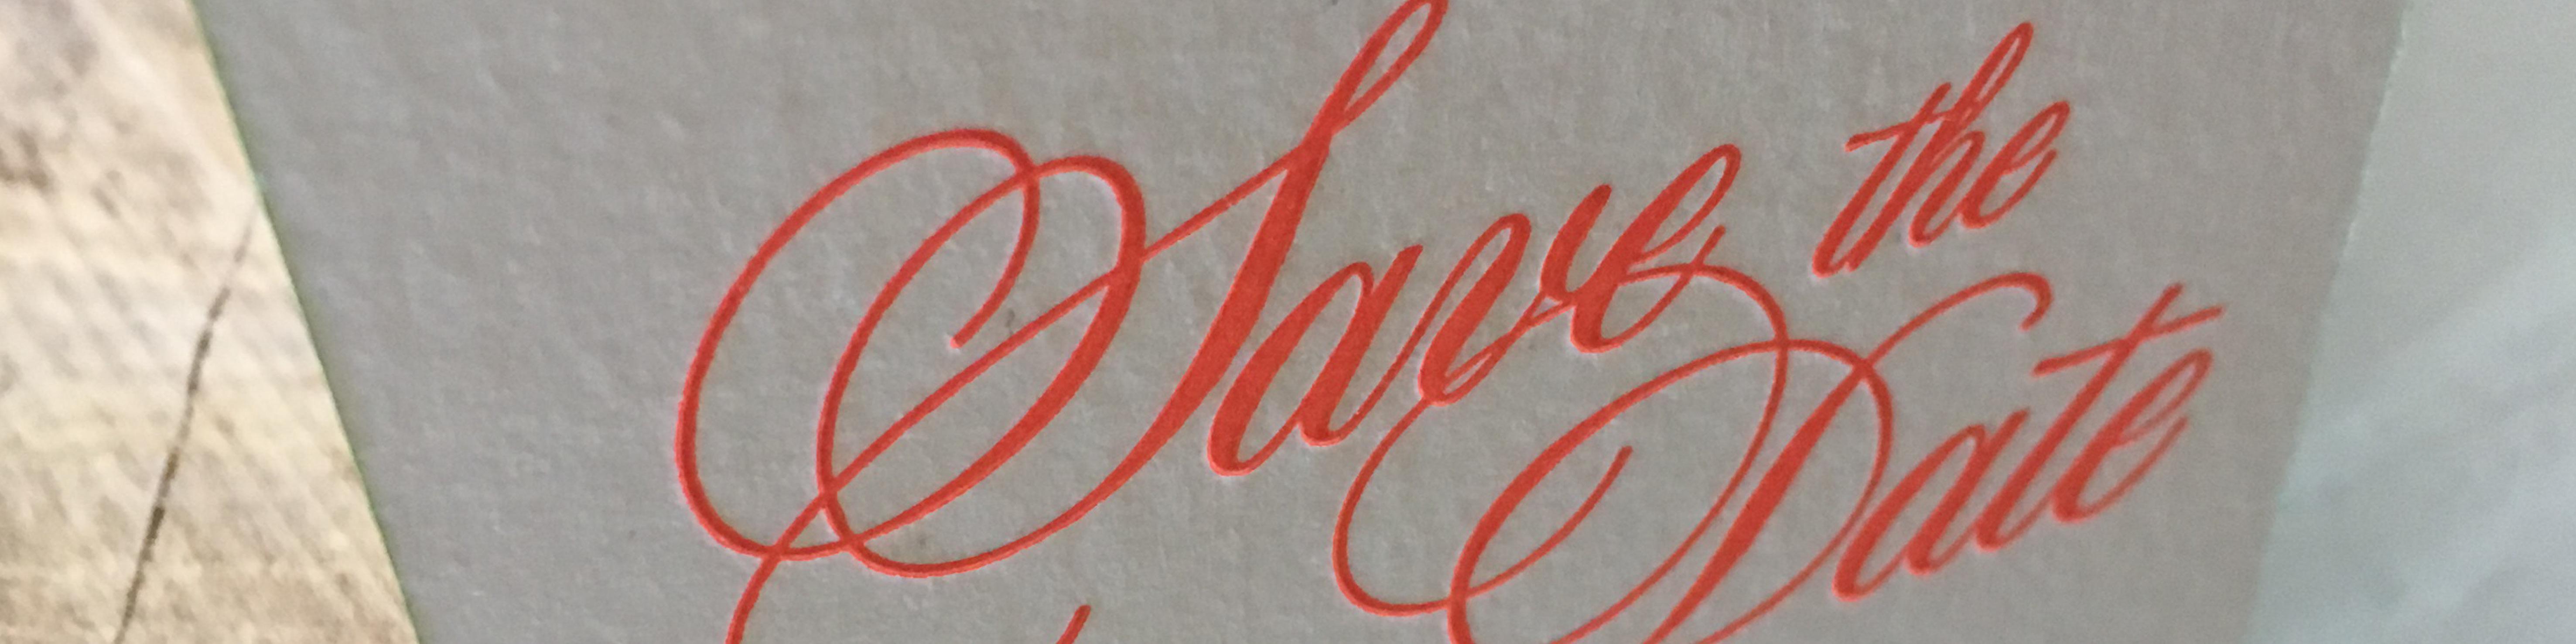 Letterpress-Druckveredelung2